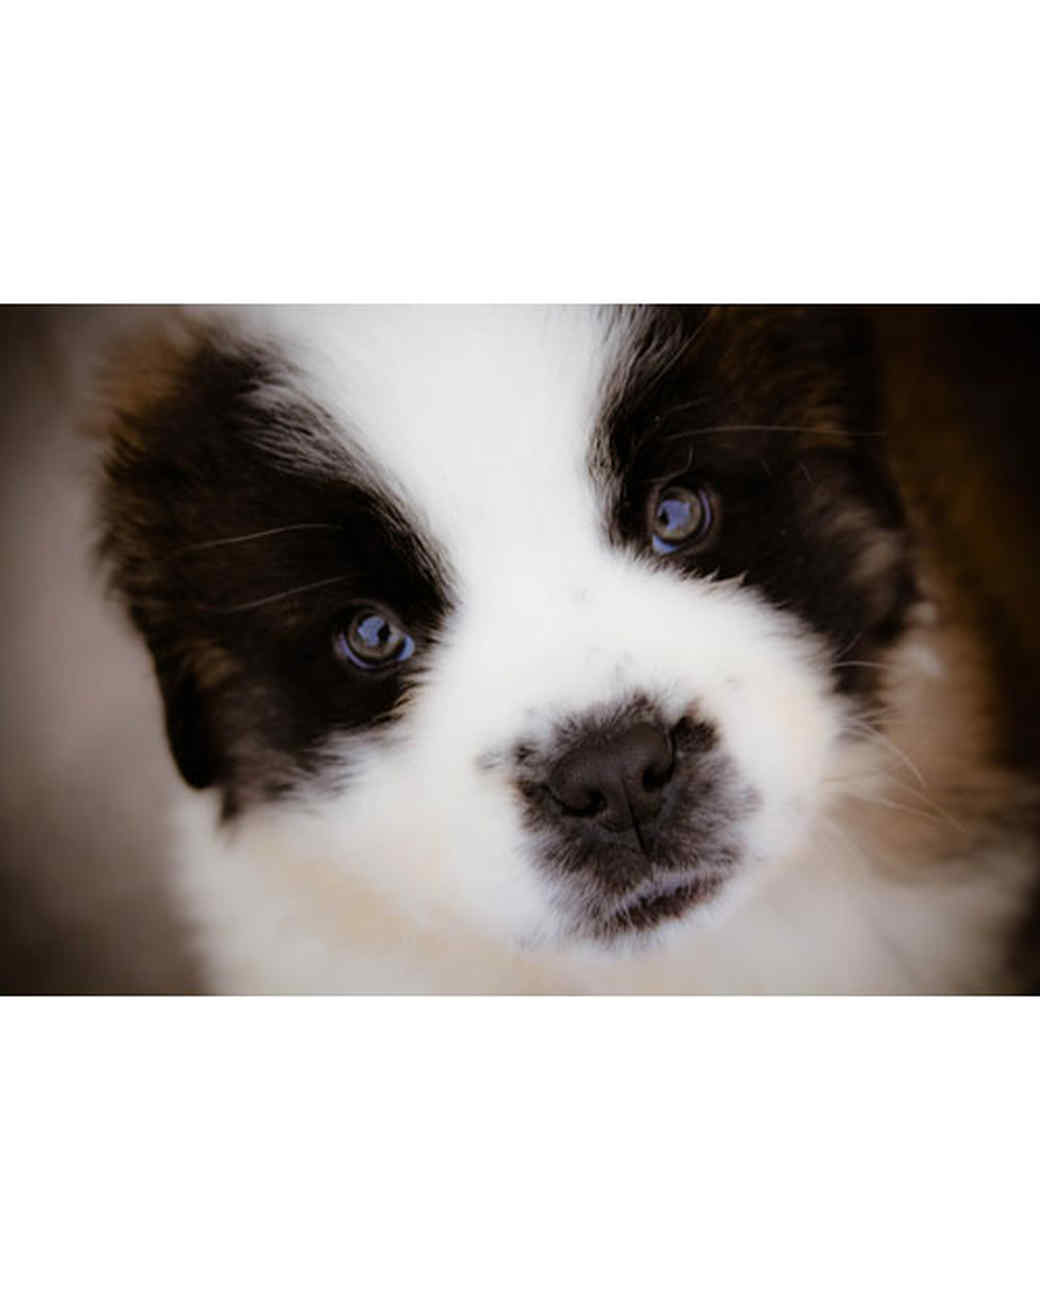 pets-at-play-0311-13115600_30865635.jpg